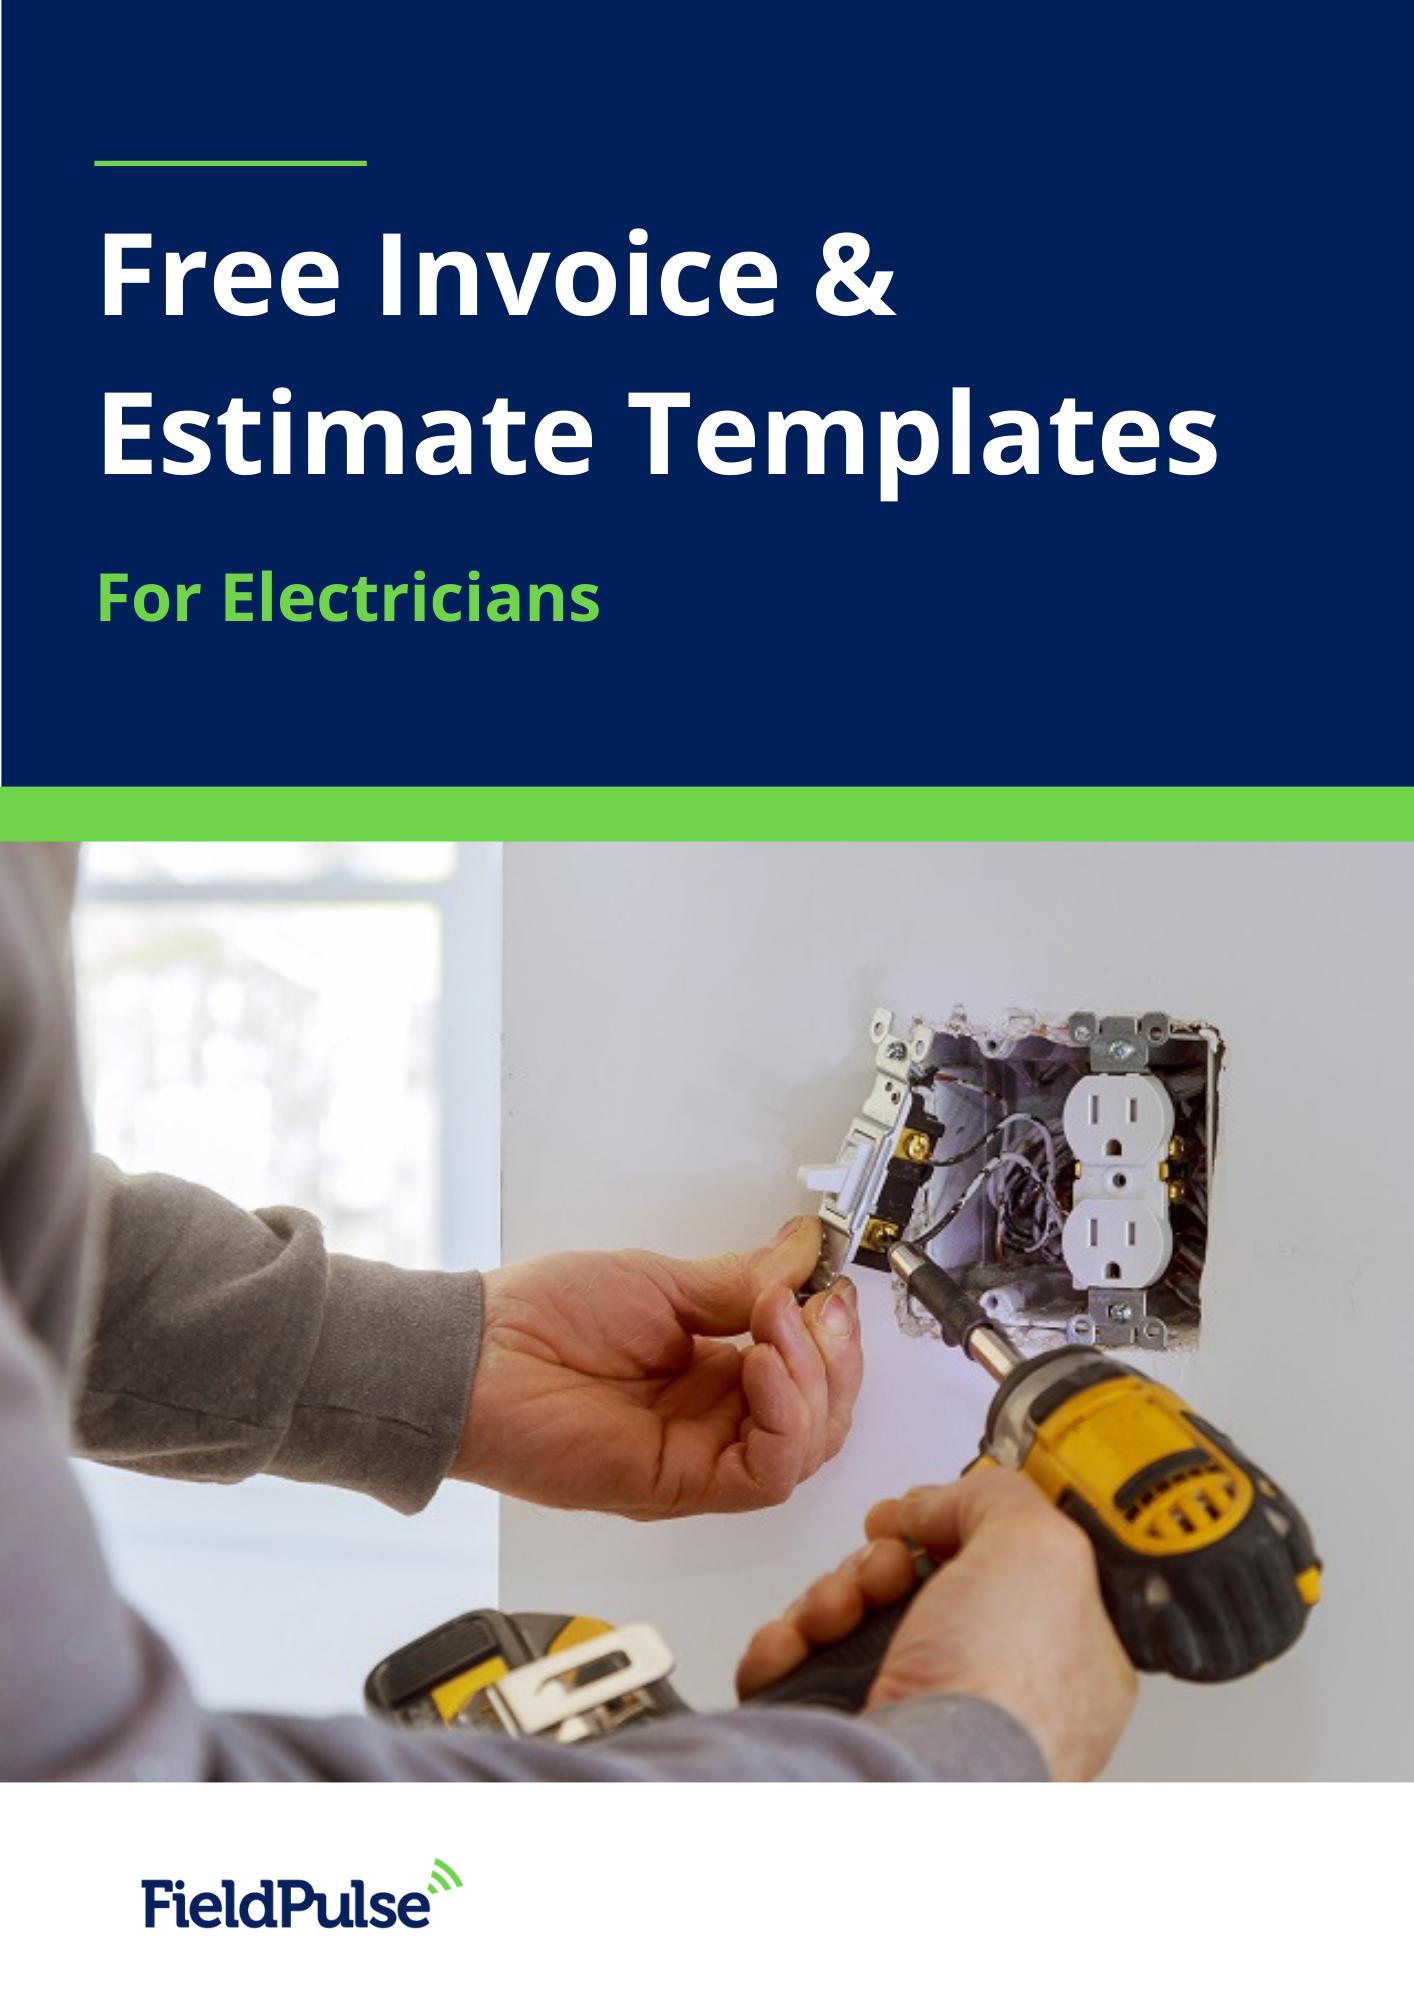 Free Invoice Estimate Templates For Electricians Estimate Template Electrician Marketing Resources